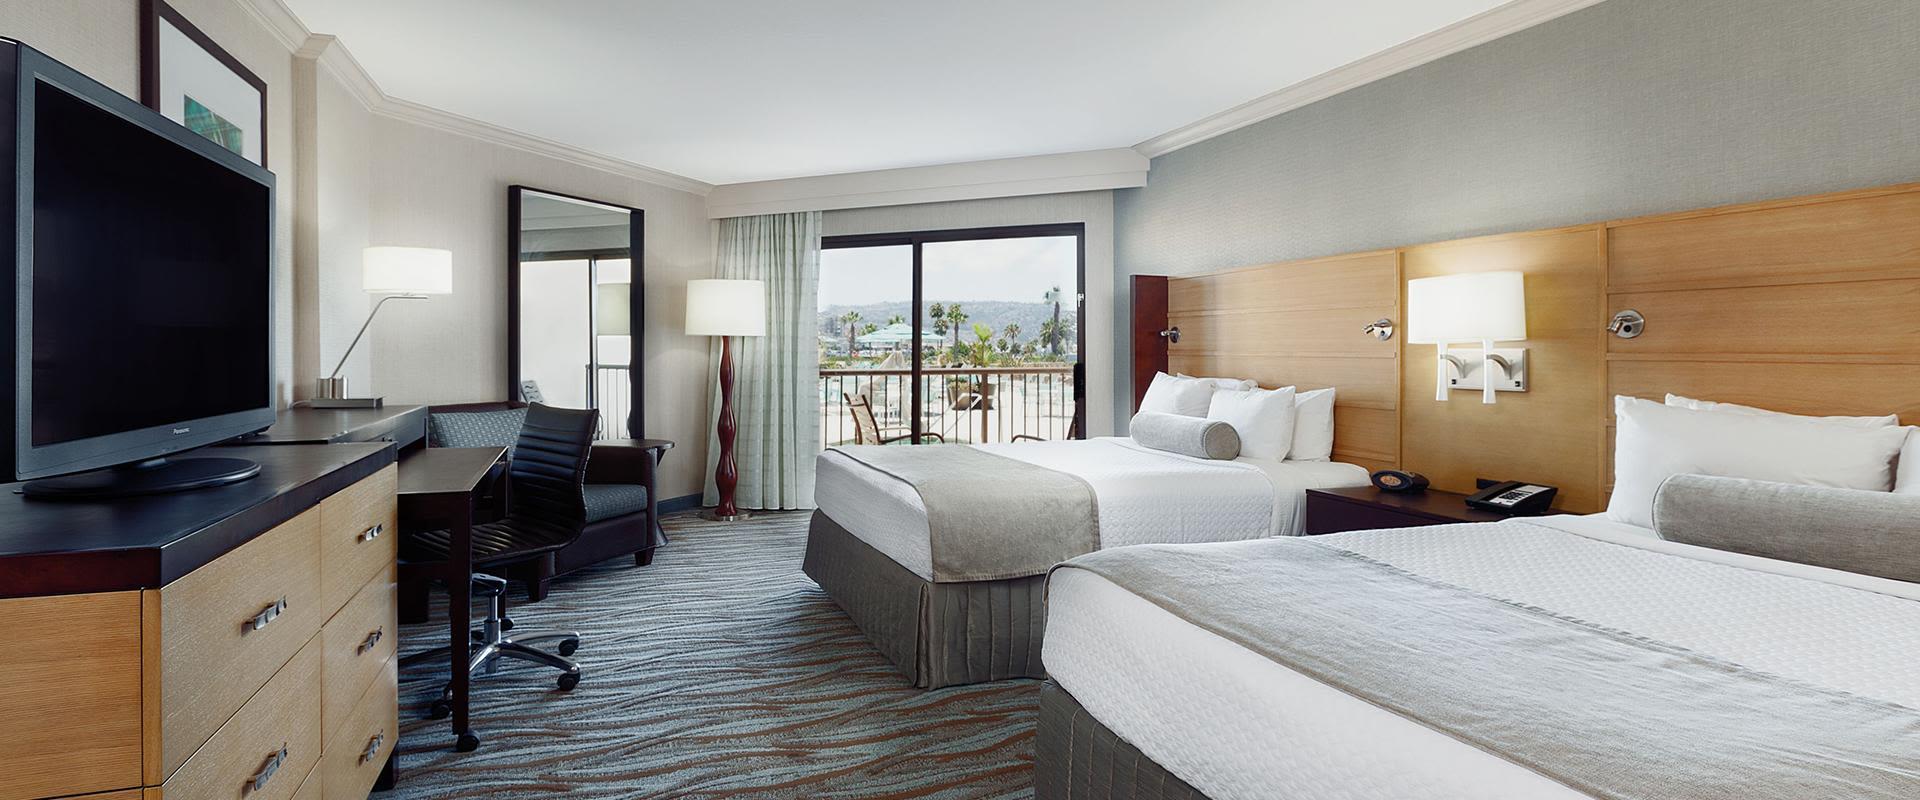 Redondo Beach Queen Beds Guest Room